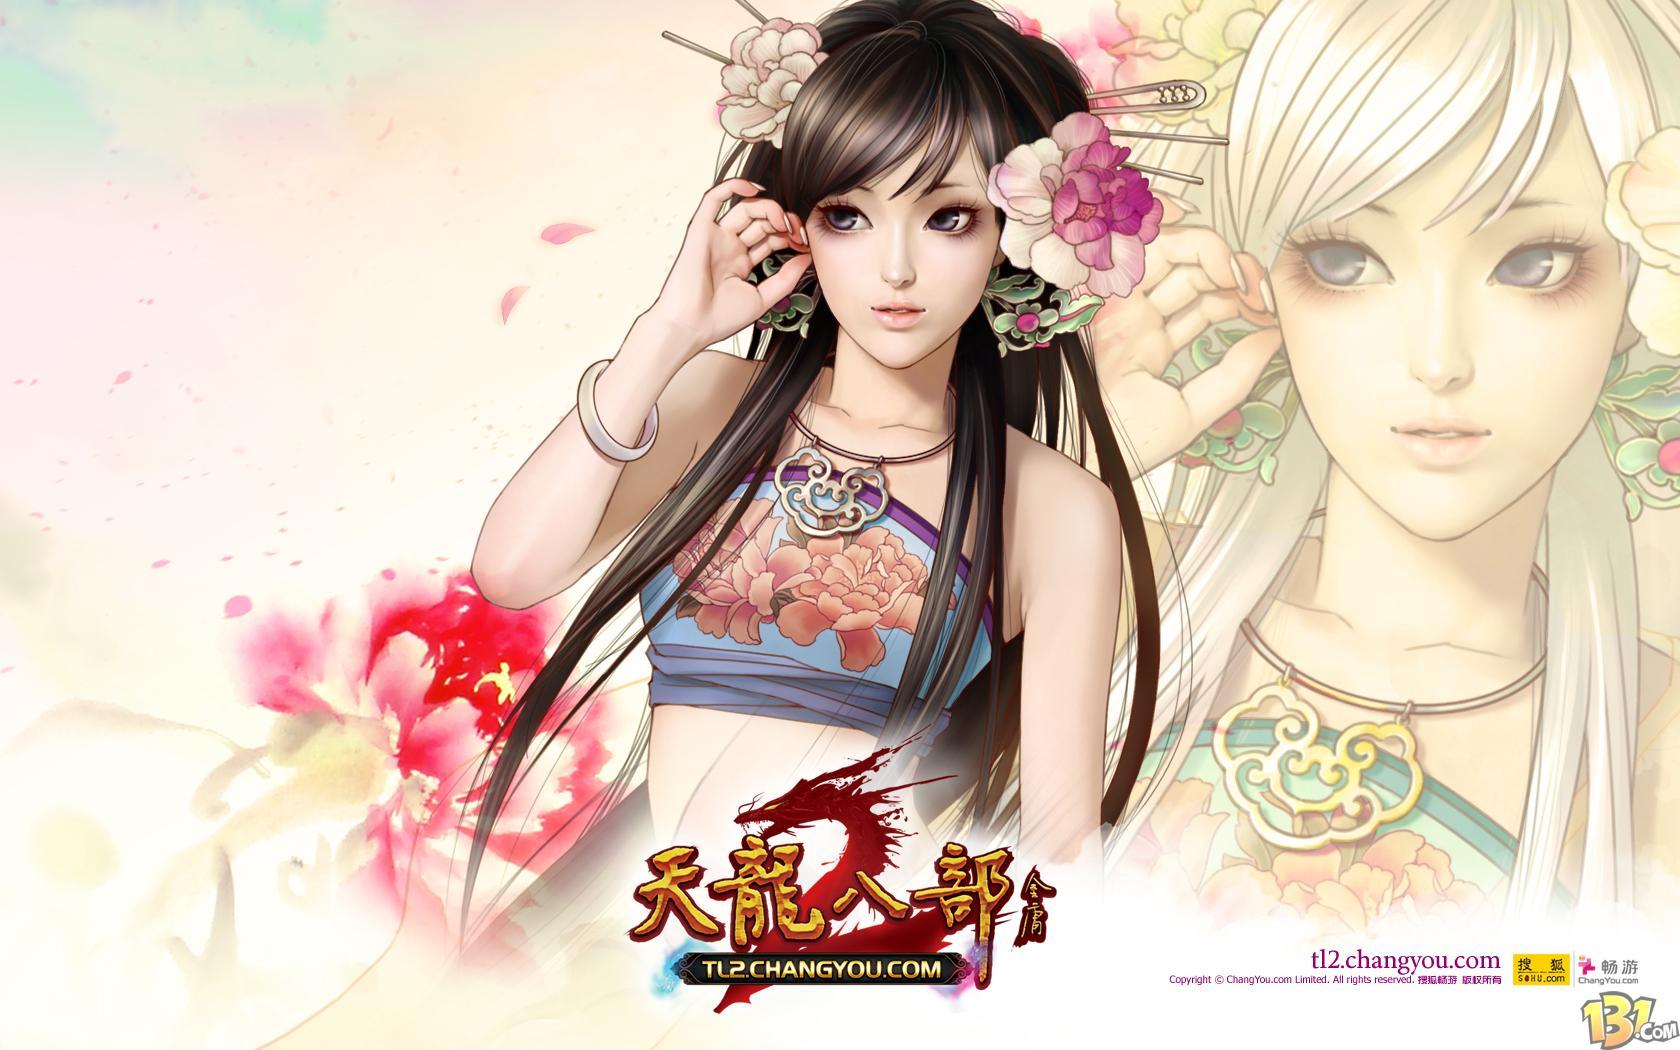 http://hiphotos.baidu.com/budodo/pic/item/062d4ebf81c0ee0119d81fa7.jpg_com/����love21476/pic/item/d875ea3fe5ad88fa7c1e710a.